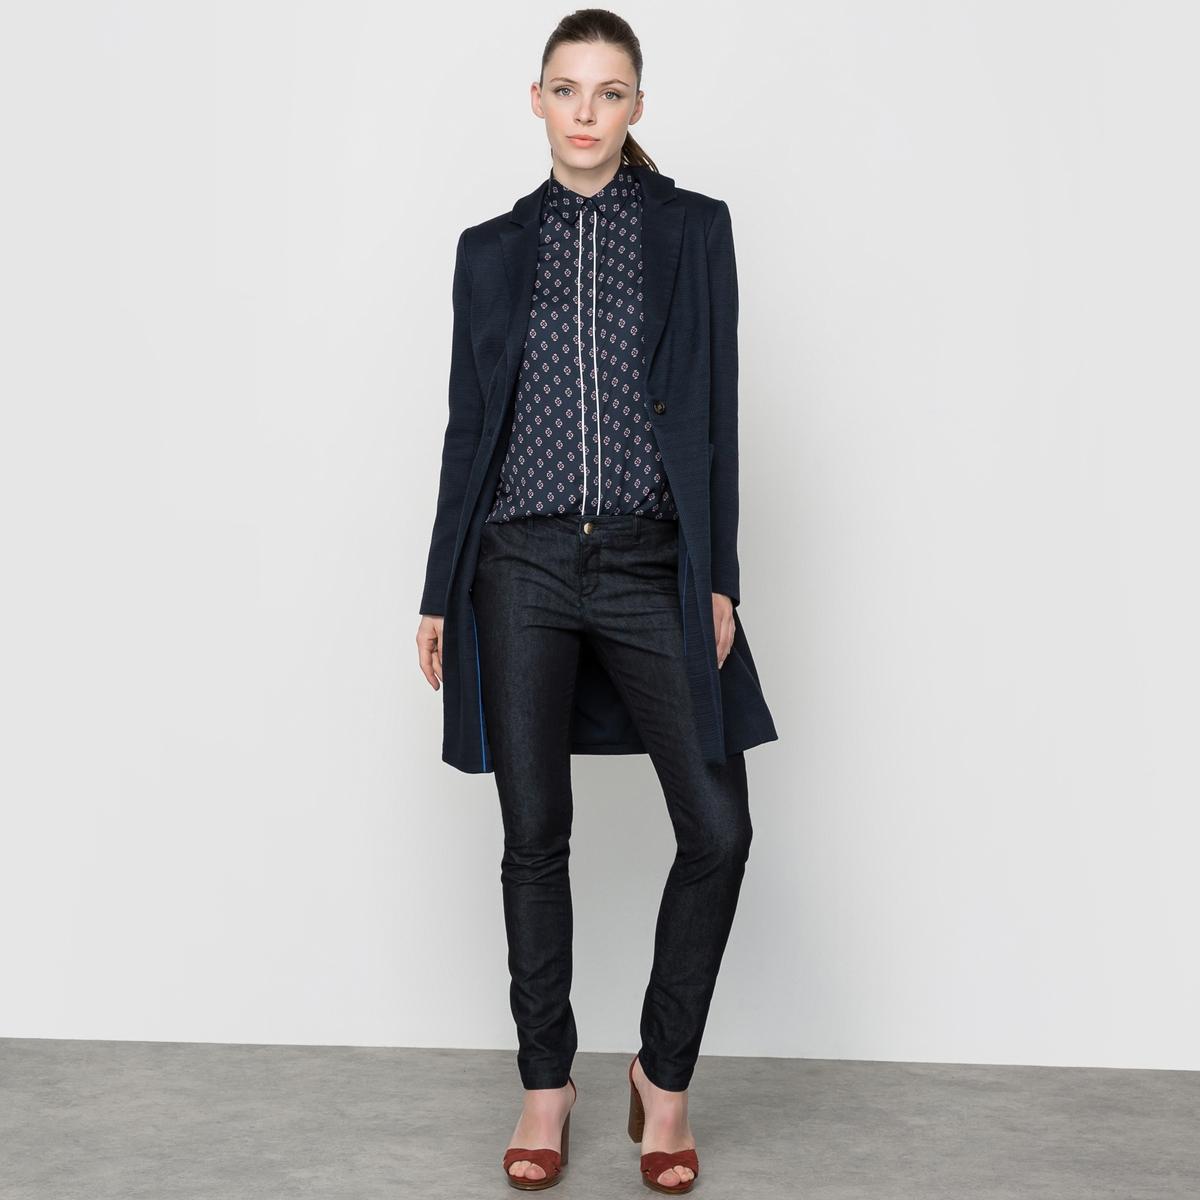 Пальто с длинными рукавамиЗастежка на пуговицы. Пиджачный воротник. 2 накладных кармана по бокам. Пальто 67% полиэстера, 32% хлопка, 1% эластана. Подкладка основной части 100% хлопка, рукавов 100% полиэстера. Длина 90 см.<br><br>Цвет: темно-синий<br>Размер: 40 (FR) - 46 (RUS)